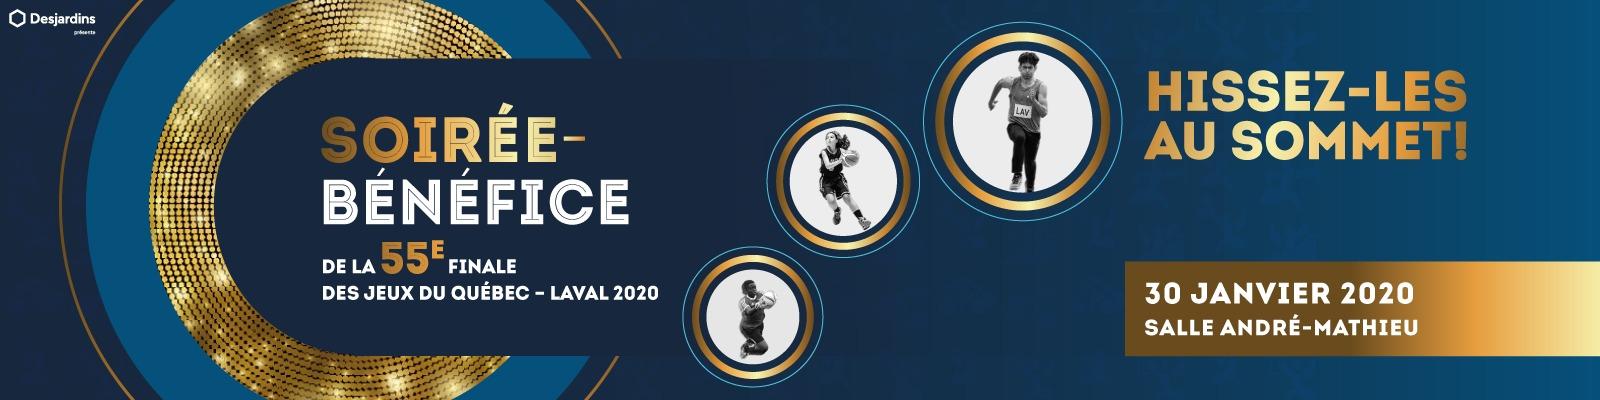 Soirée-bénéfice de la 55e Finale des Jeux du Québec - Laval 2020